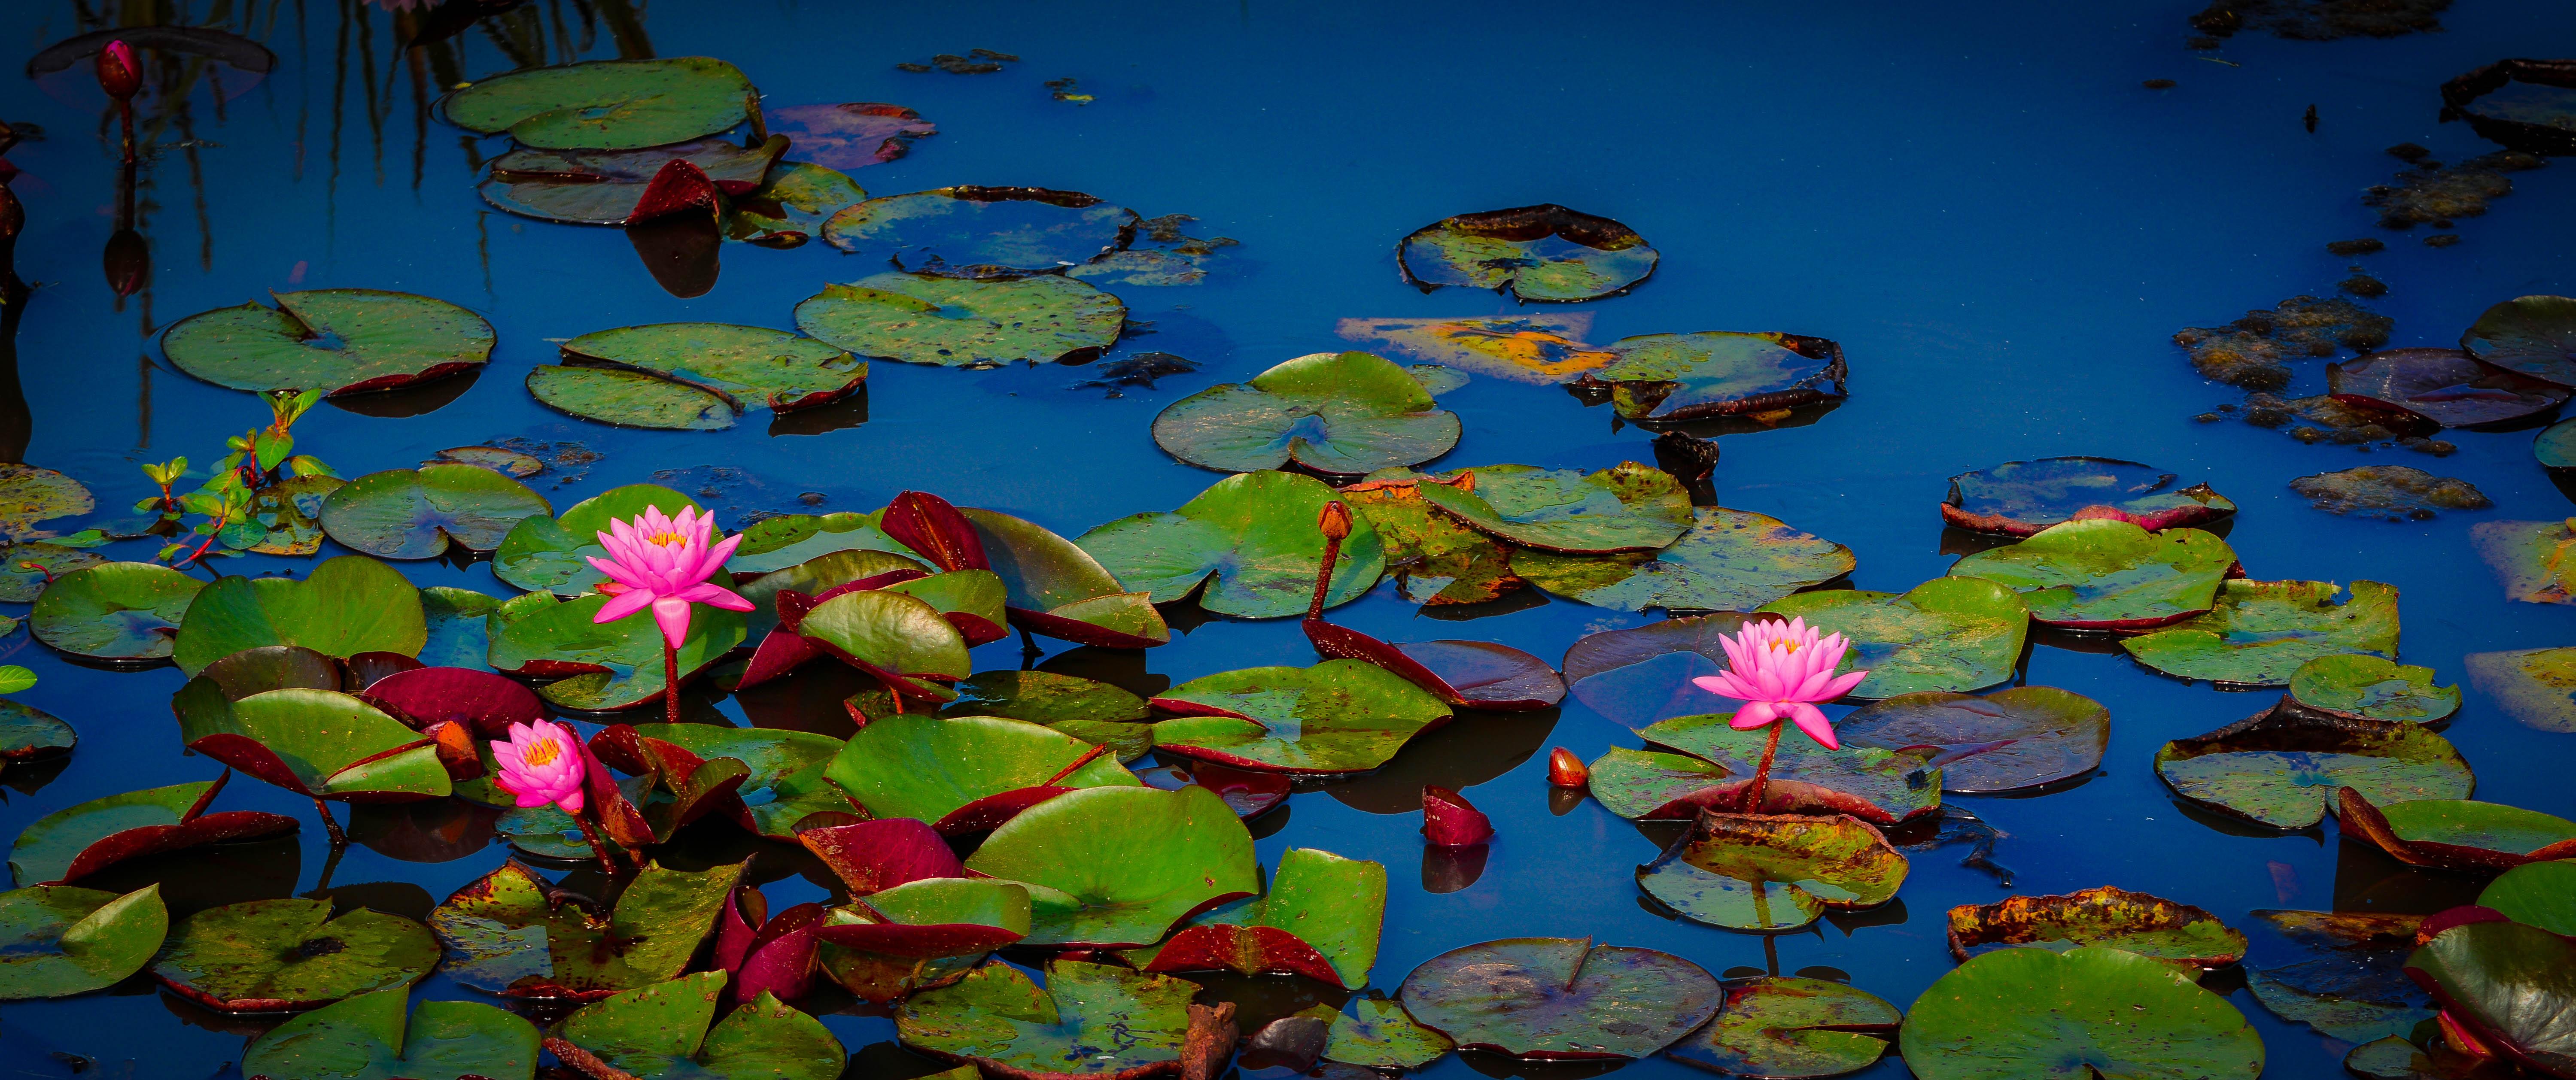 A local hidden treasure NPS Kenilworth Park Aquatic Gardens